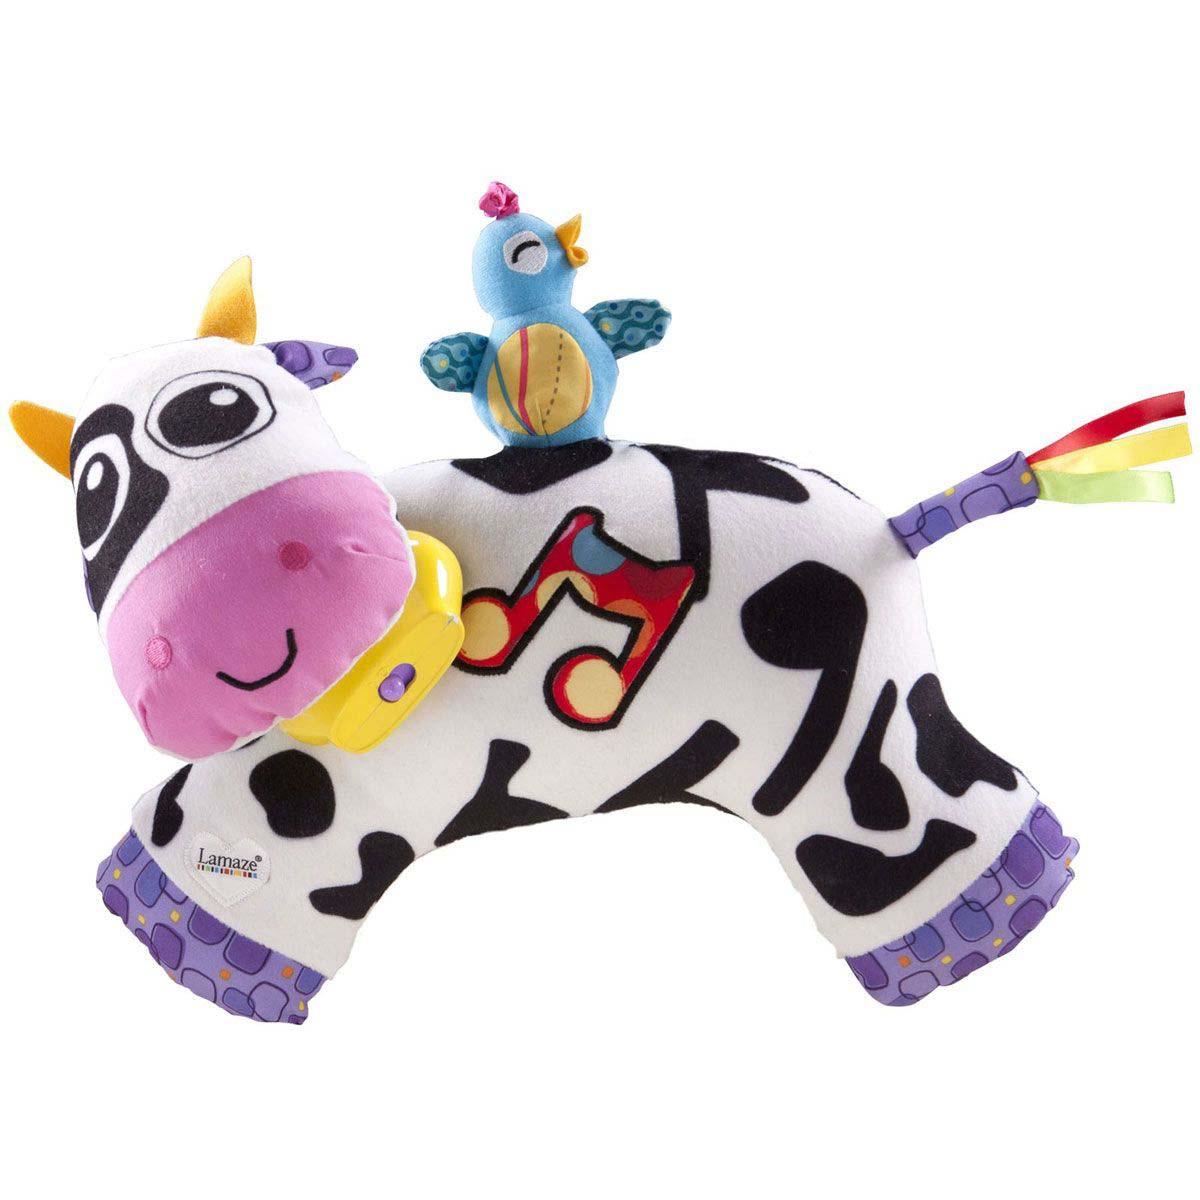 Музыкальная КоровкаДетские развивающие игрушки<br>Музыкальная Коровка<br>